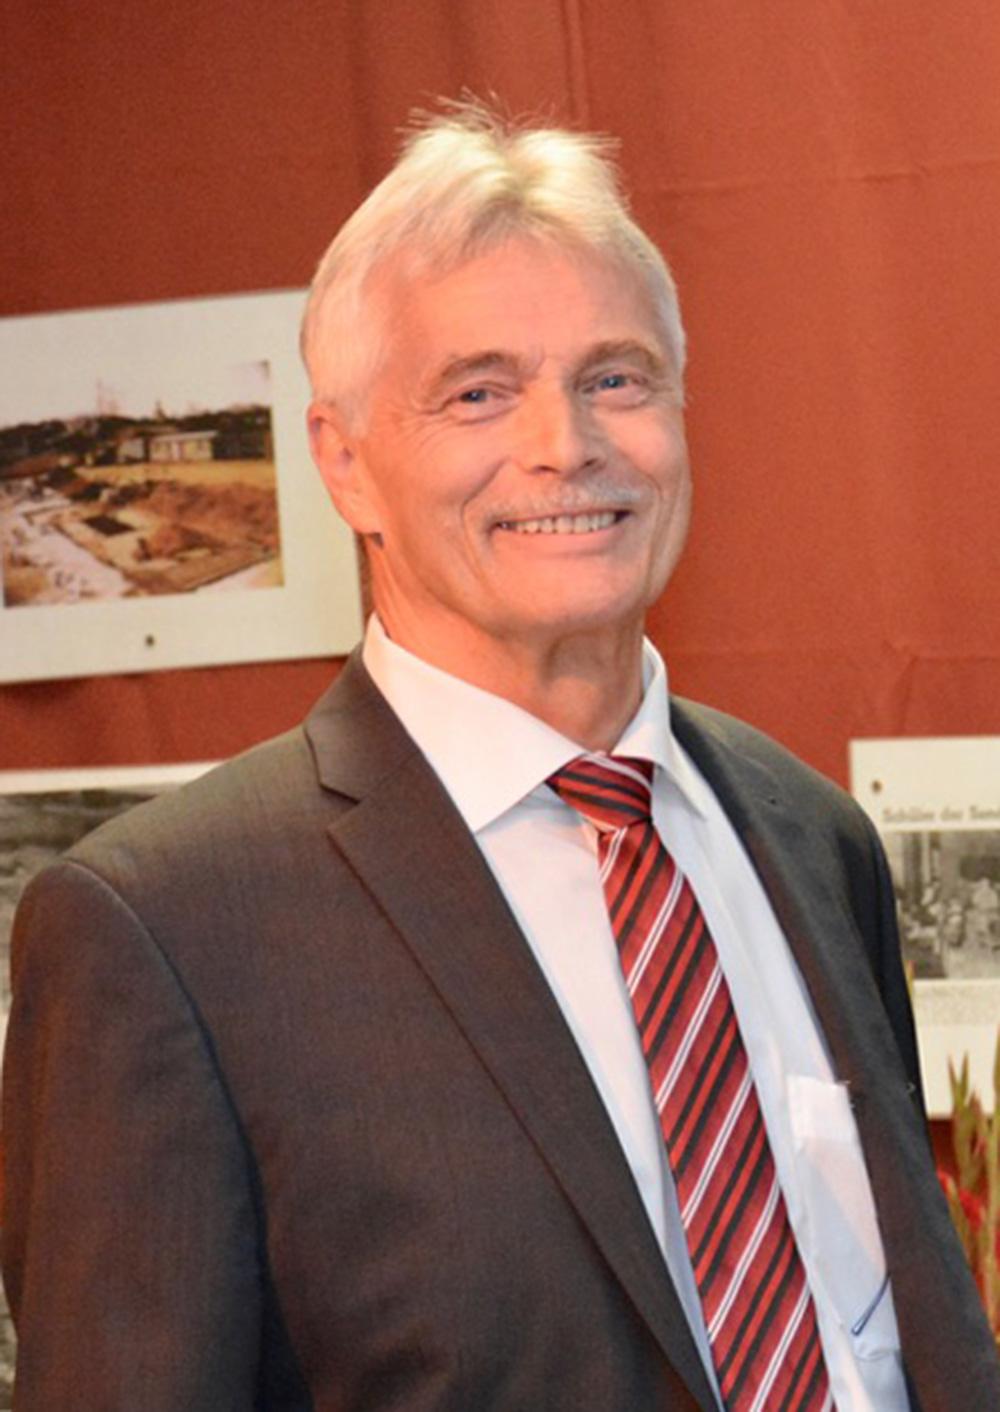 Erwin Janko, langjähriger Rektor der Bernhard-Leniger-Schule der Lebenshilfe, über Inklusion – ein Interview.